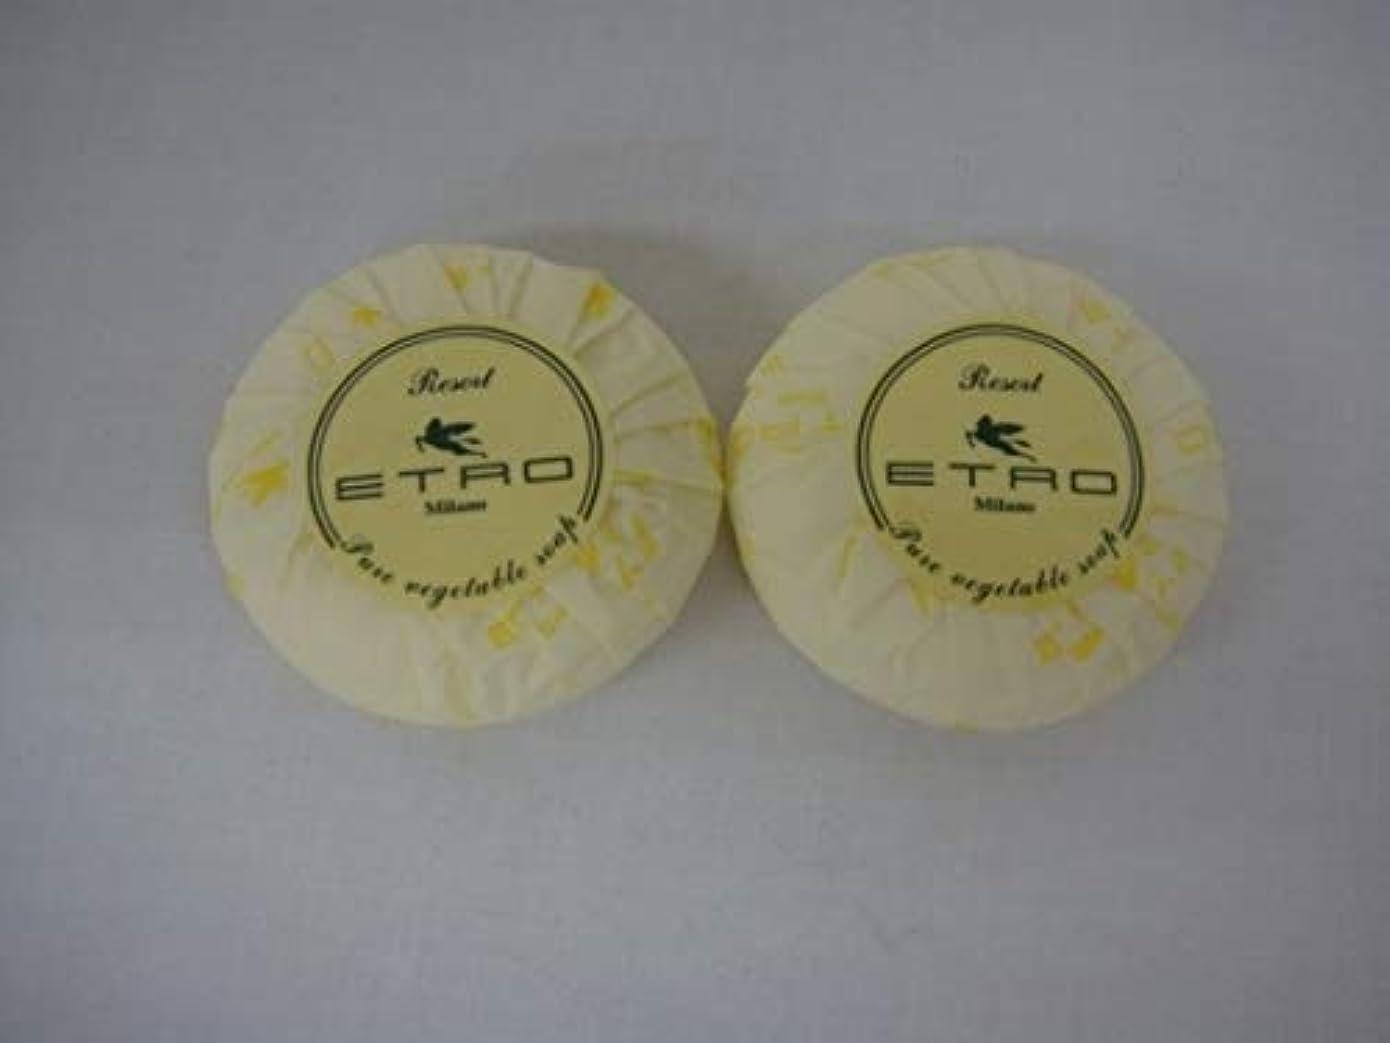 耕すコンバーチブル競争【X2個セット】ETRO エトロ ピュアベジタブルソープ 石鹸40g×2個 (合計4個)